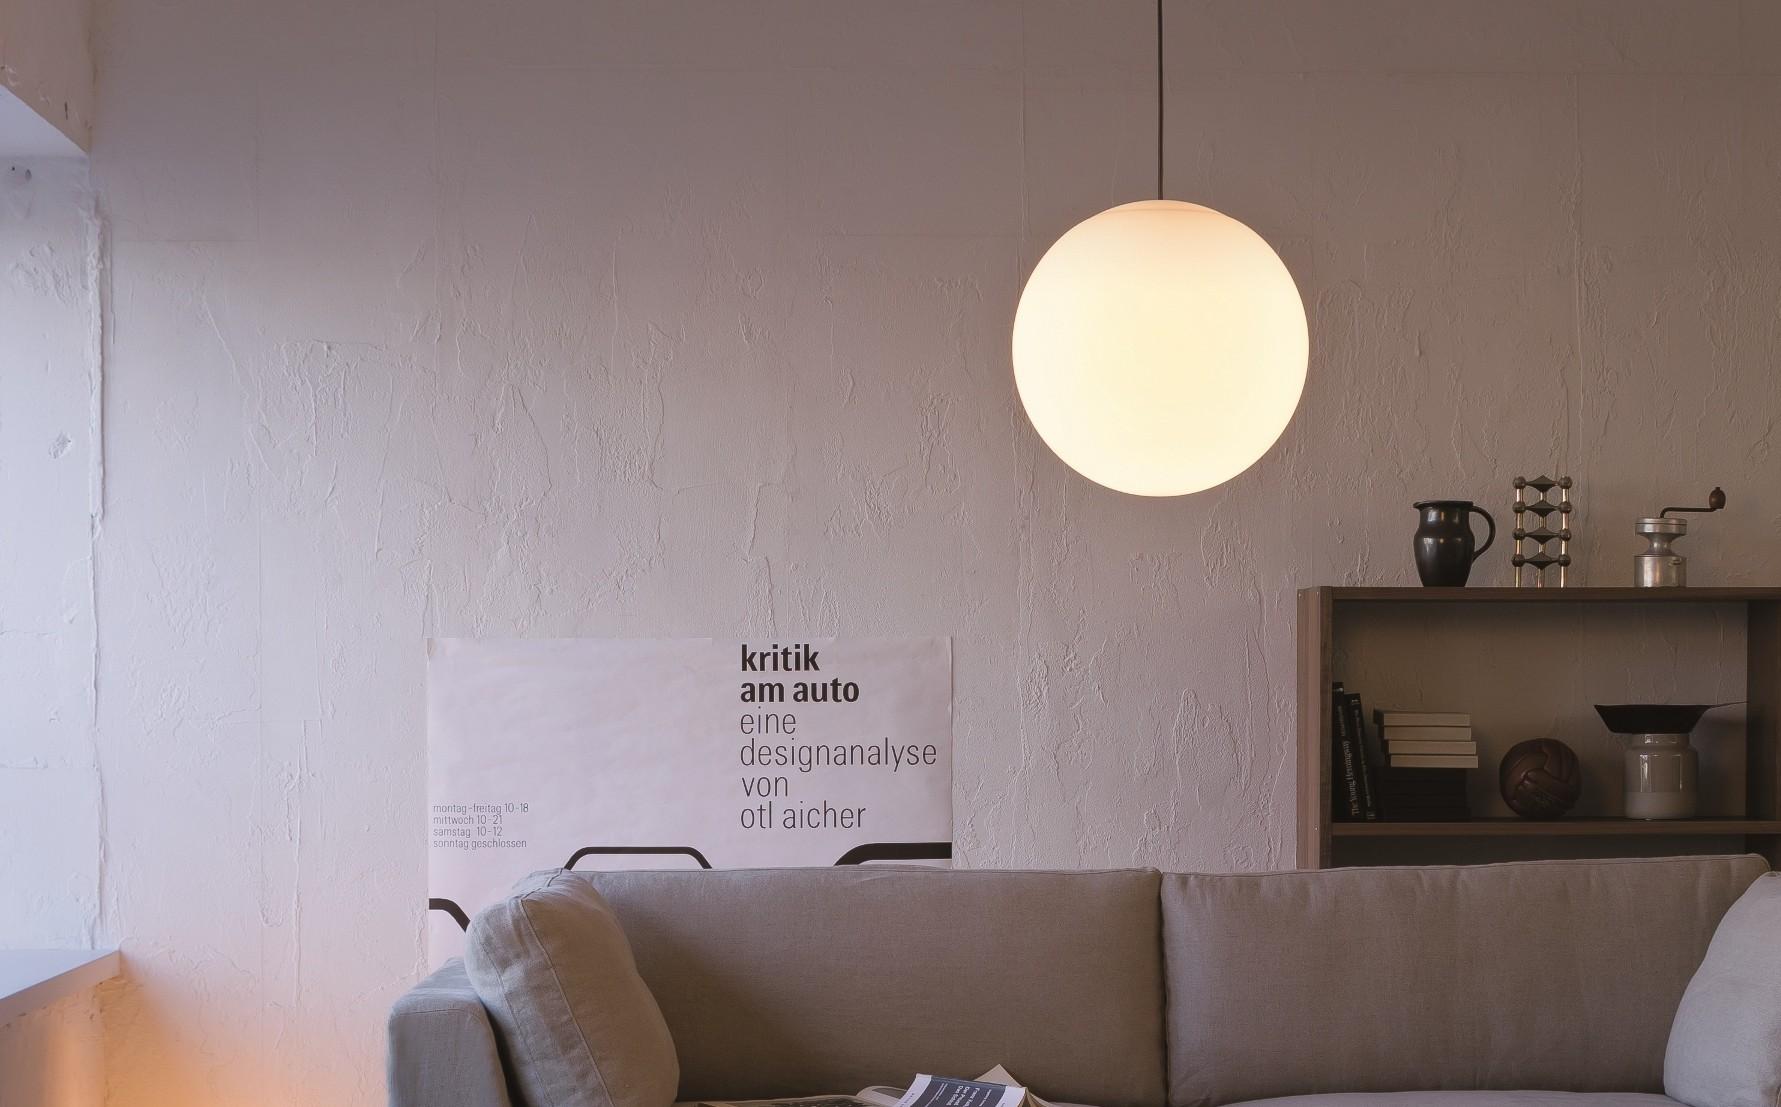 無印良品が提案するシンプルな照明「無印良品のあかり」が発売(2015年3月29日) - エキサイトニュース(1/2)